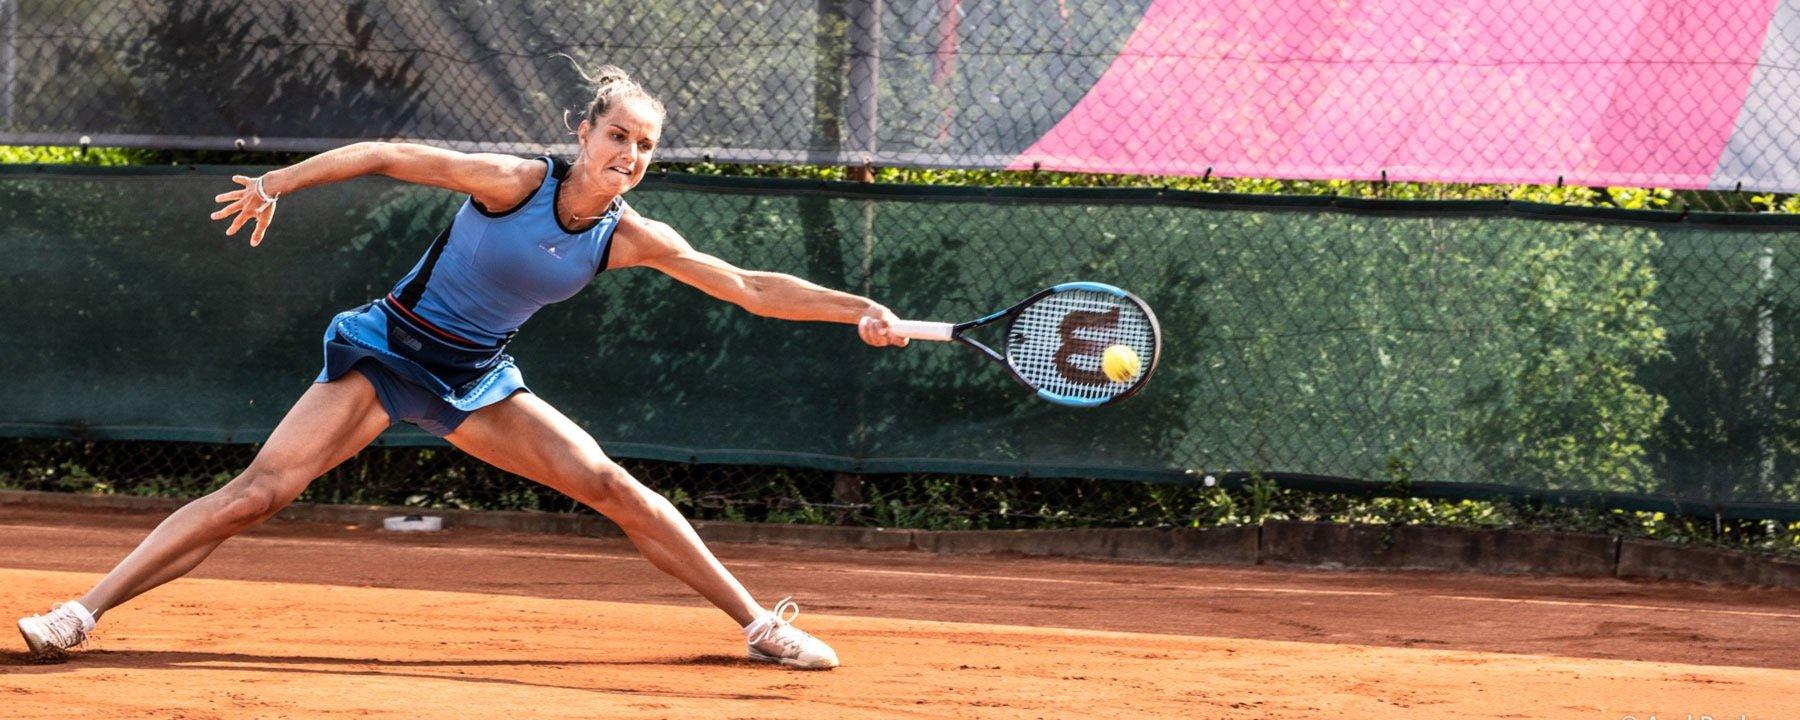 Wiesbaden Tennis Open